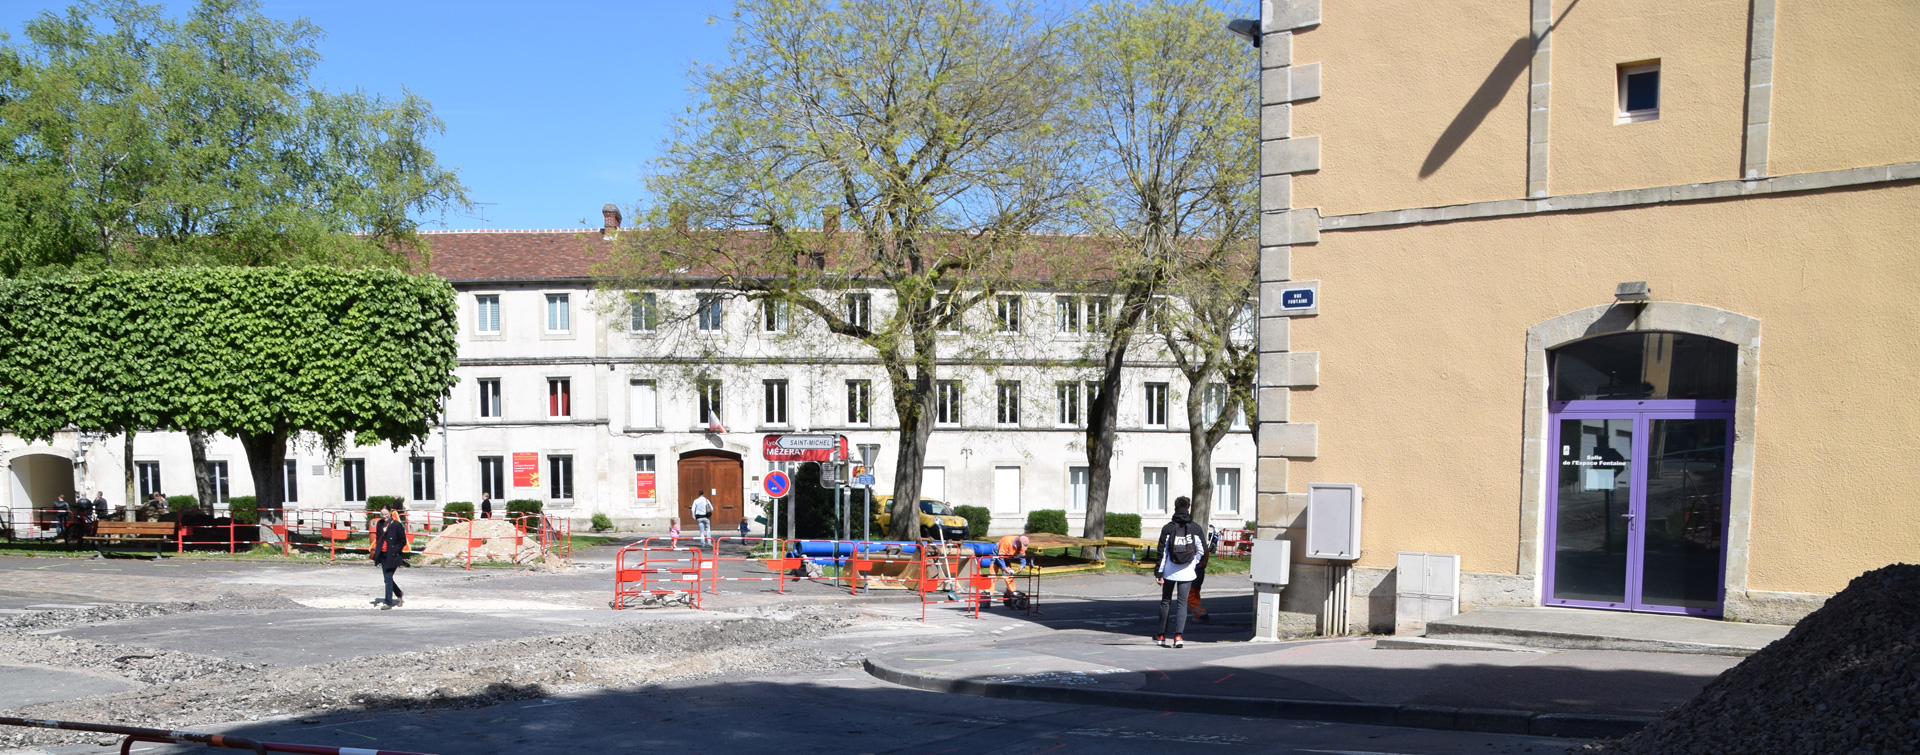 Travaux aux abord de la Mairie et du PSLA